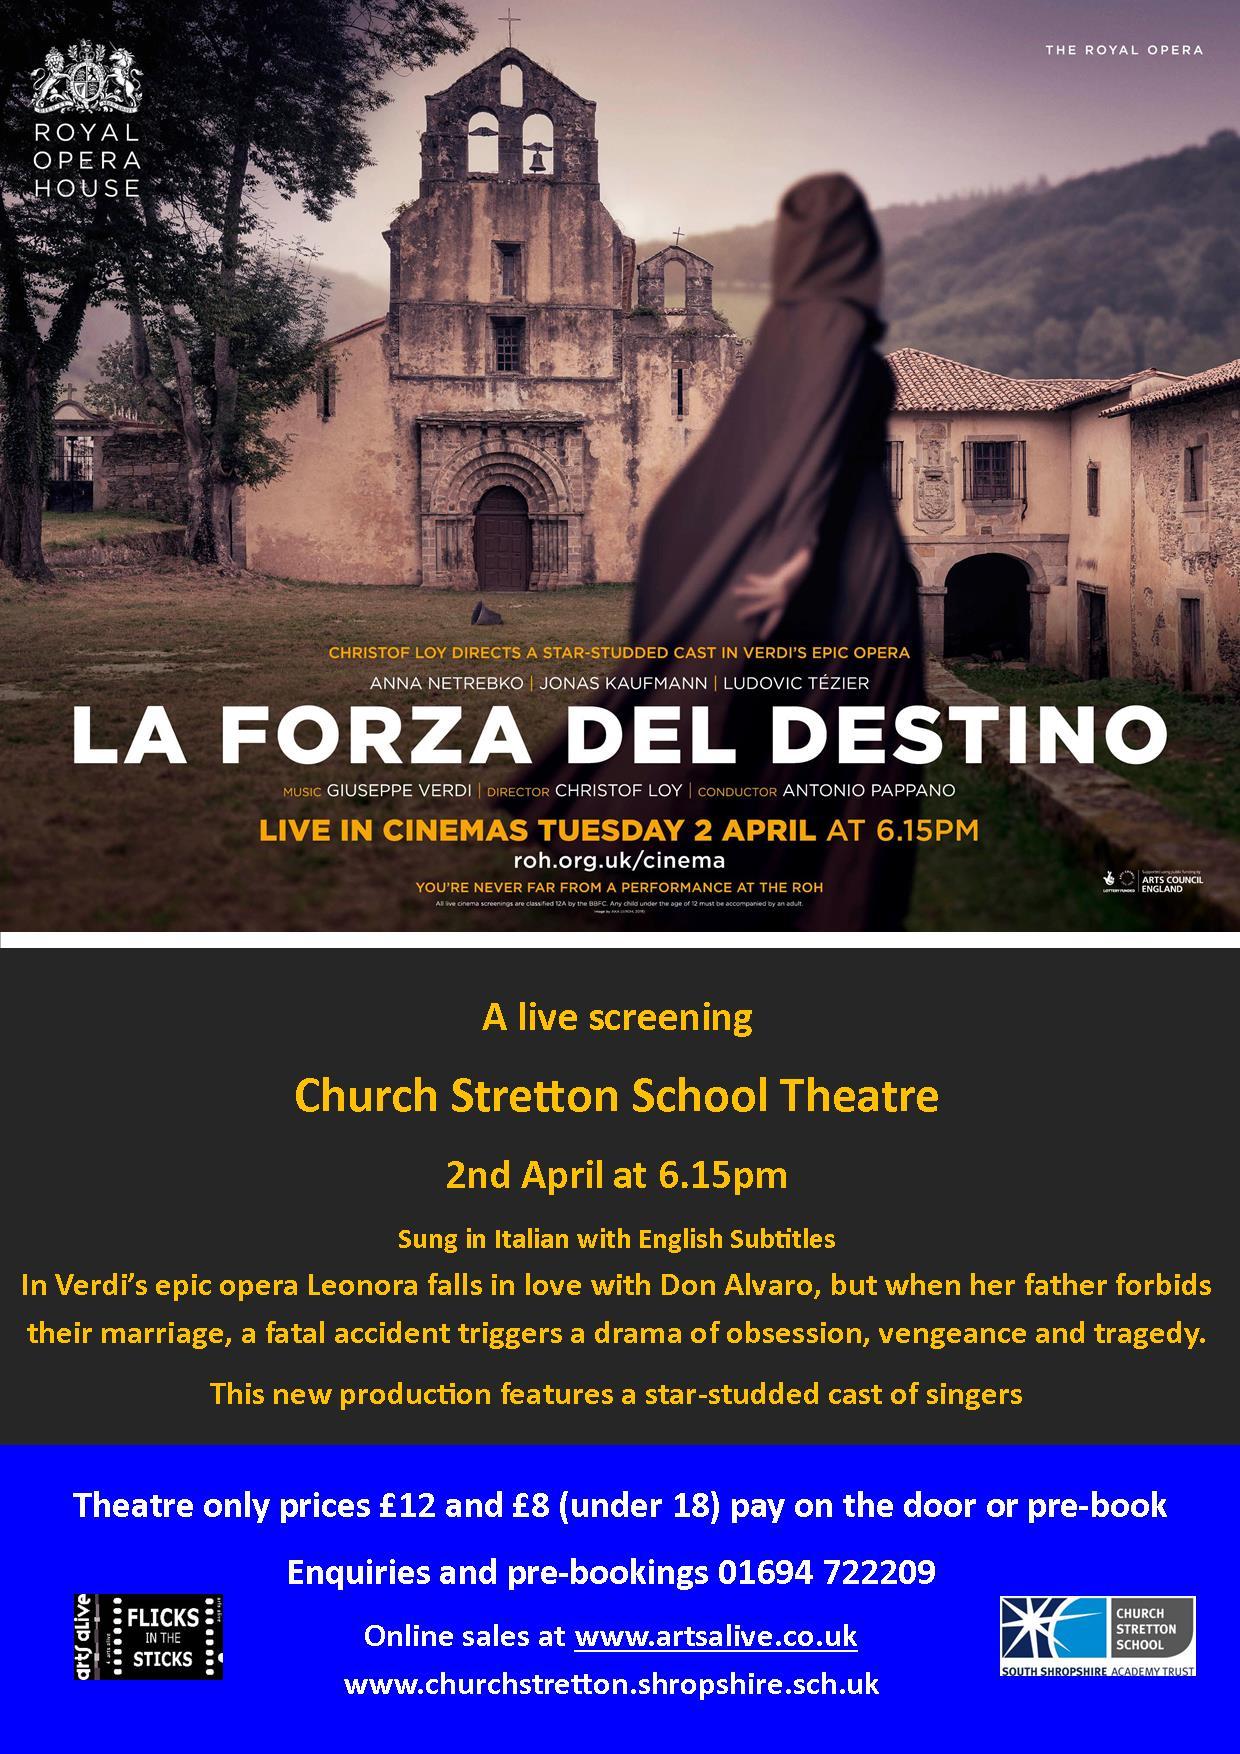 La Forza Del Destino poster